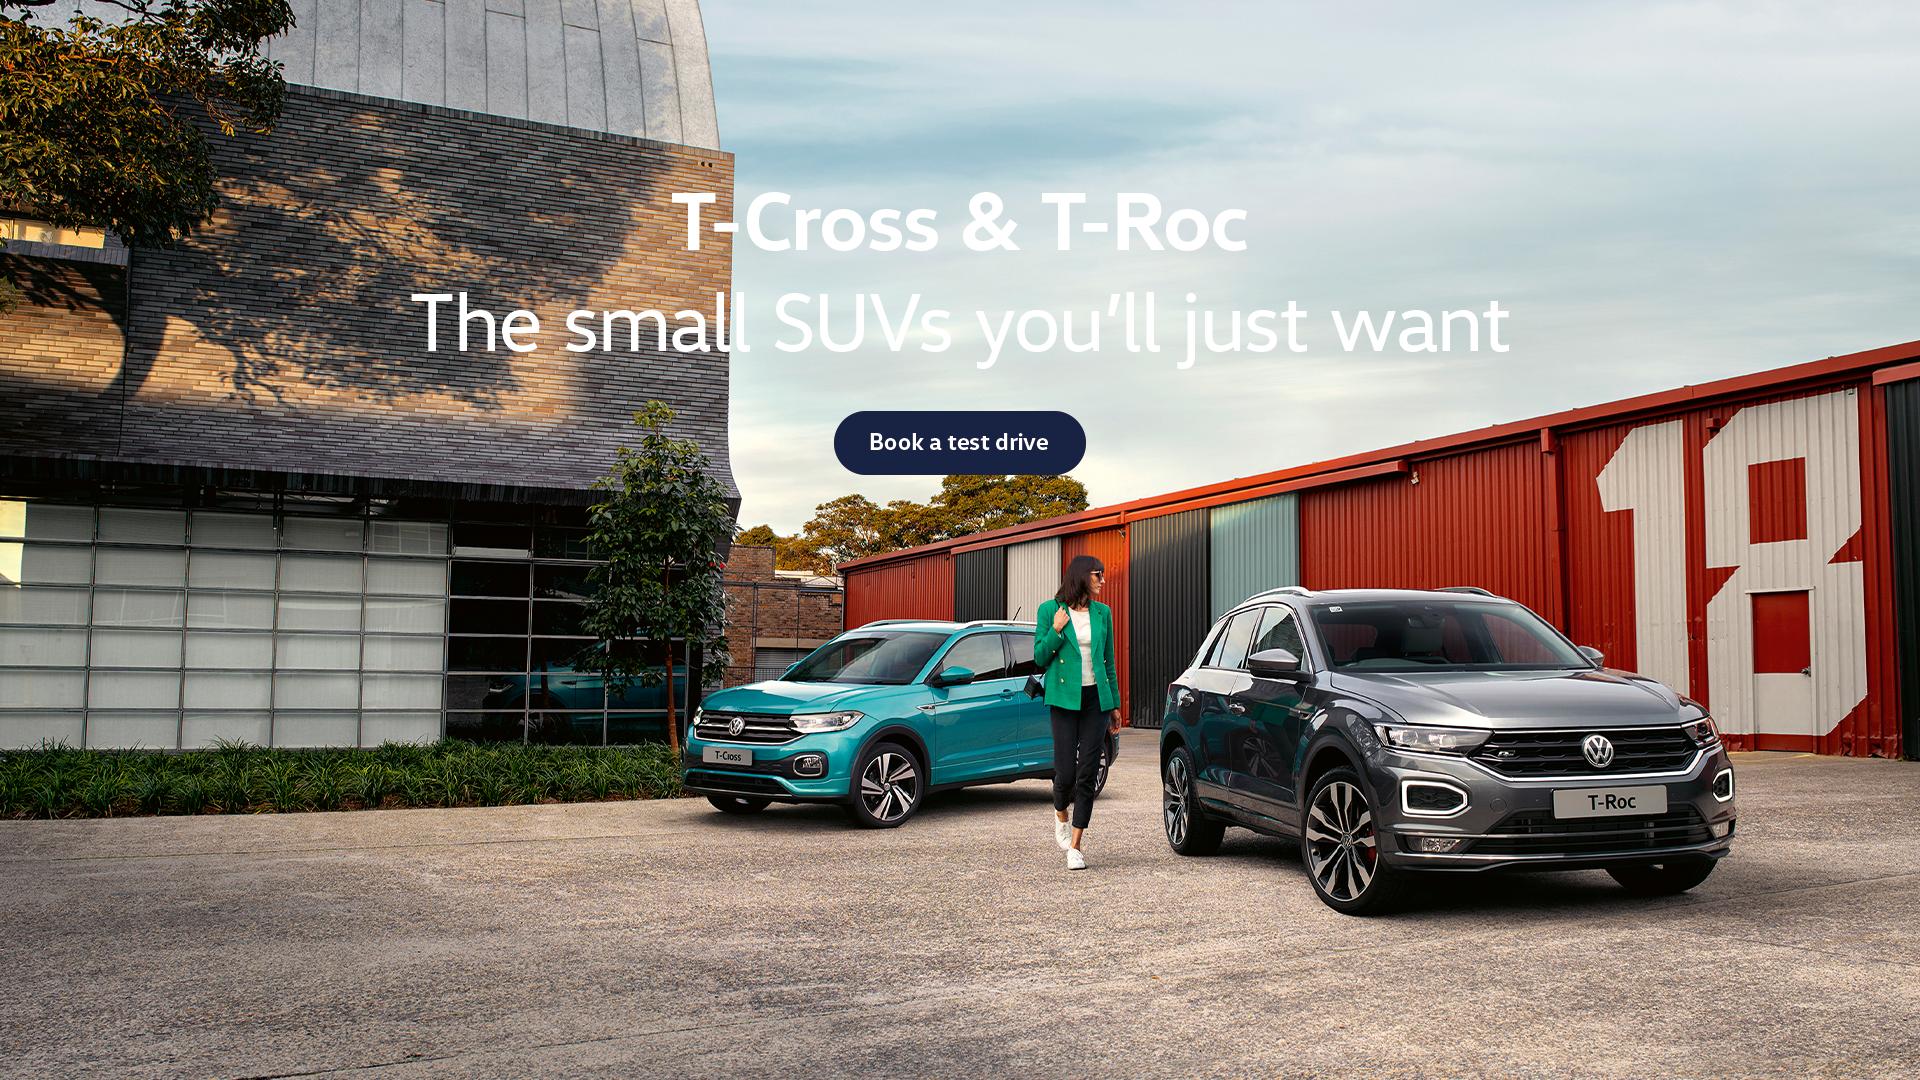 Volkswagen Small SUV range. Test drive today at Woodleys Volkswagen.